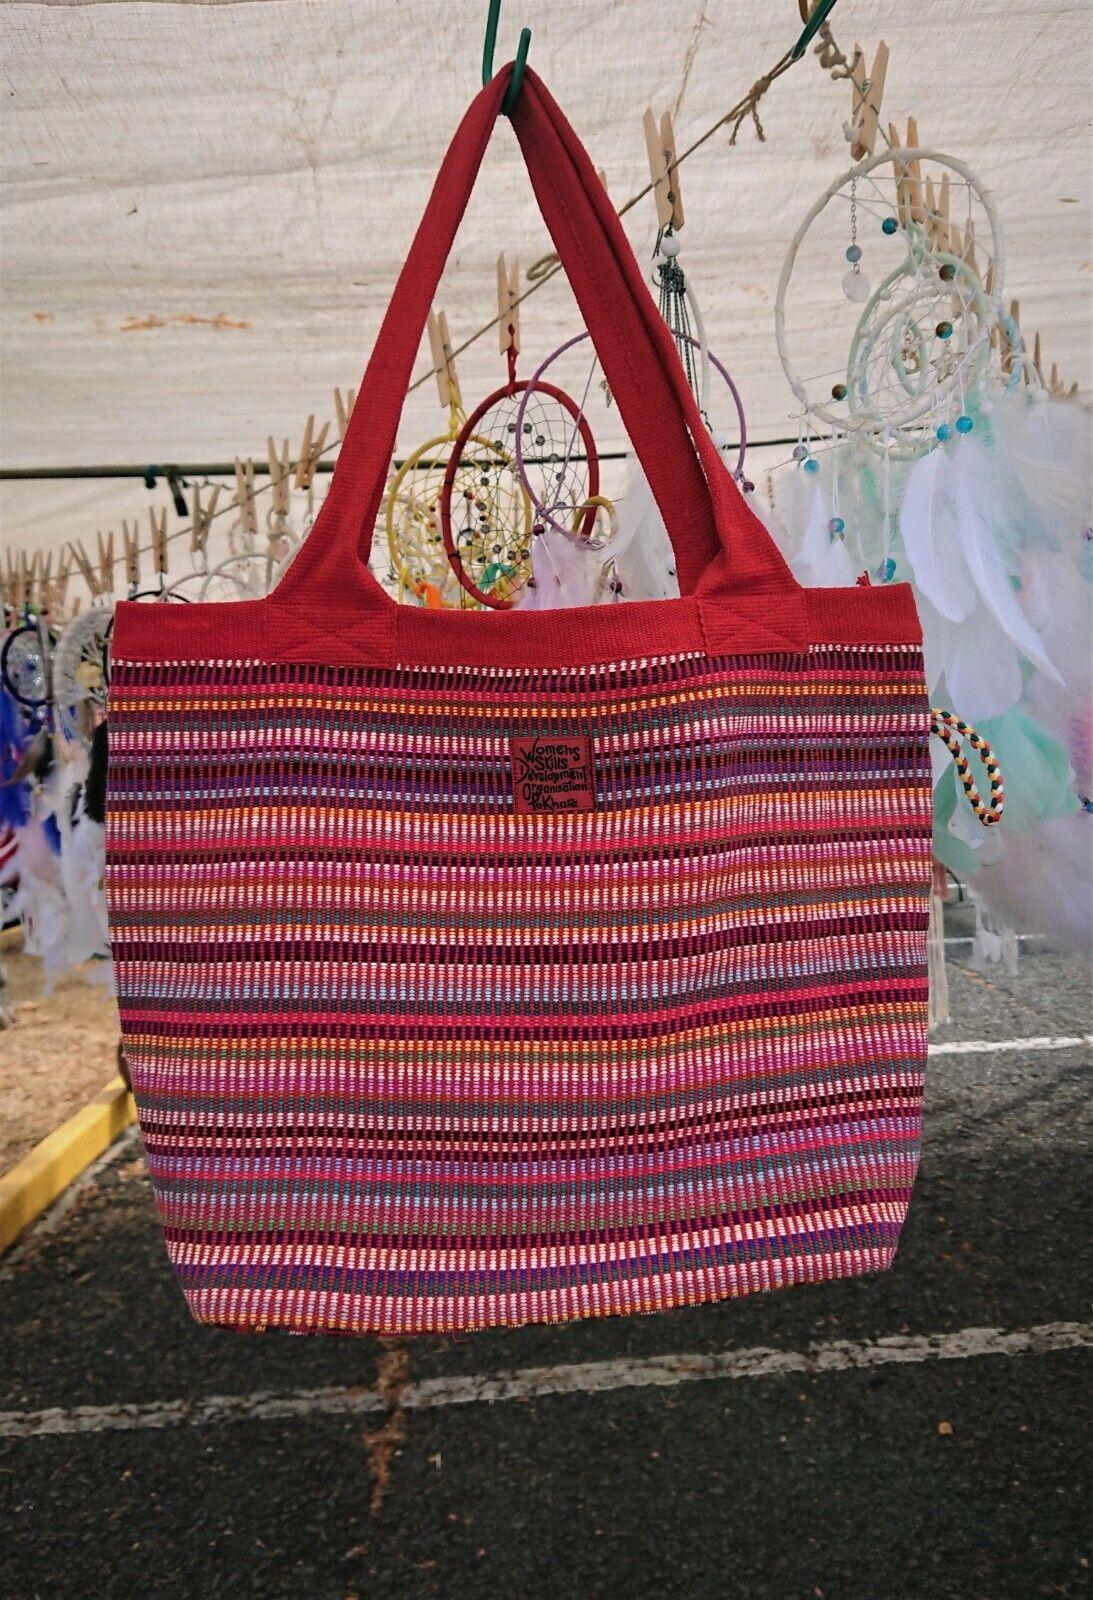 WSDO Bags/ Handmade and Handwoven Shoulder Bag/Travel Bag/Sc